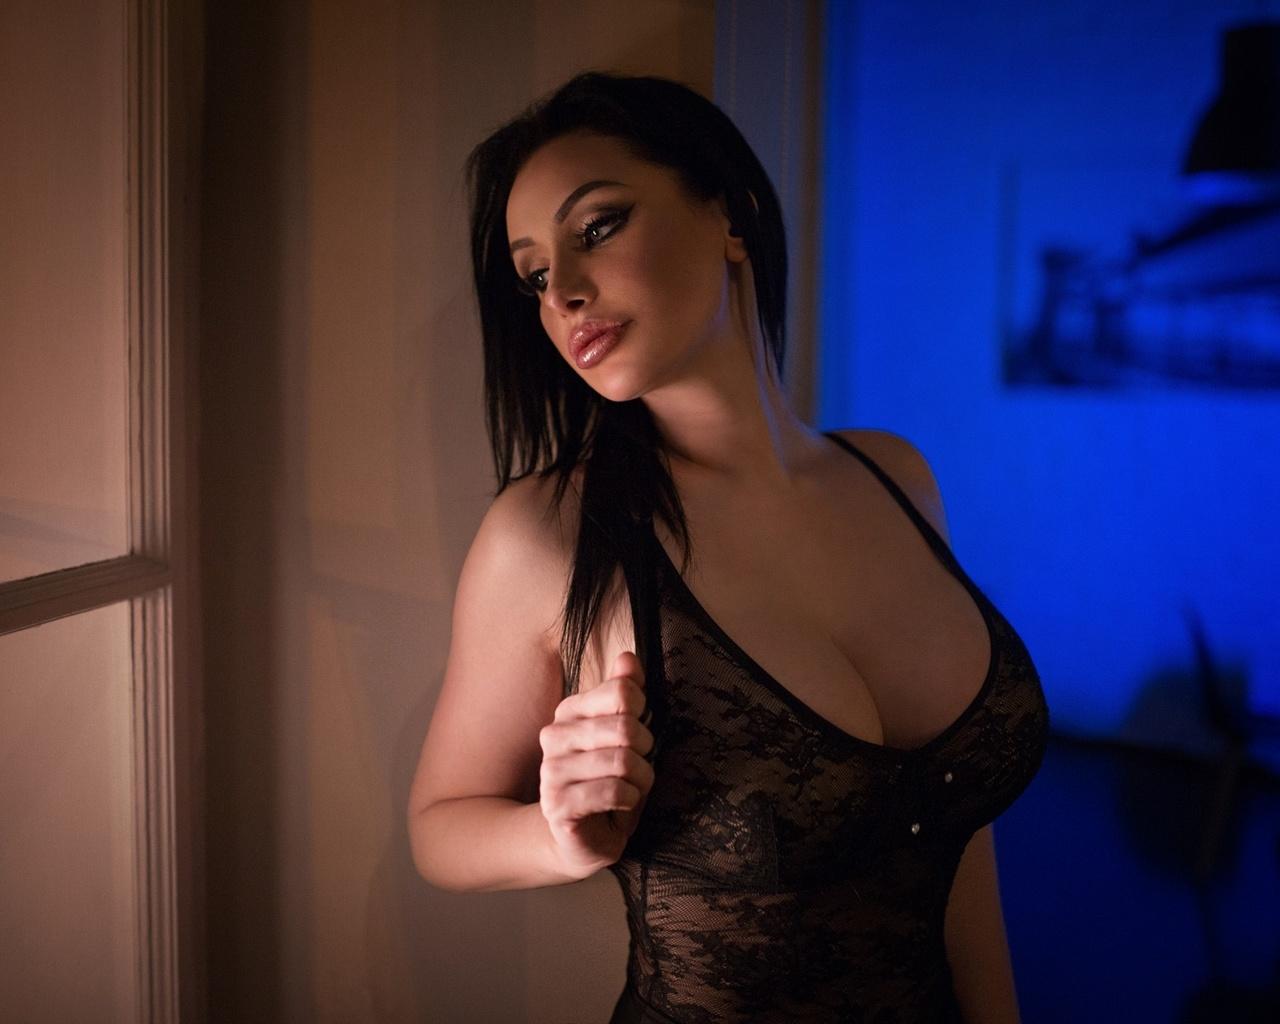 Новогодний секс с пьяными девками порно фото бесплатно